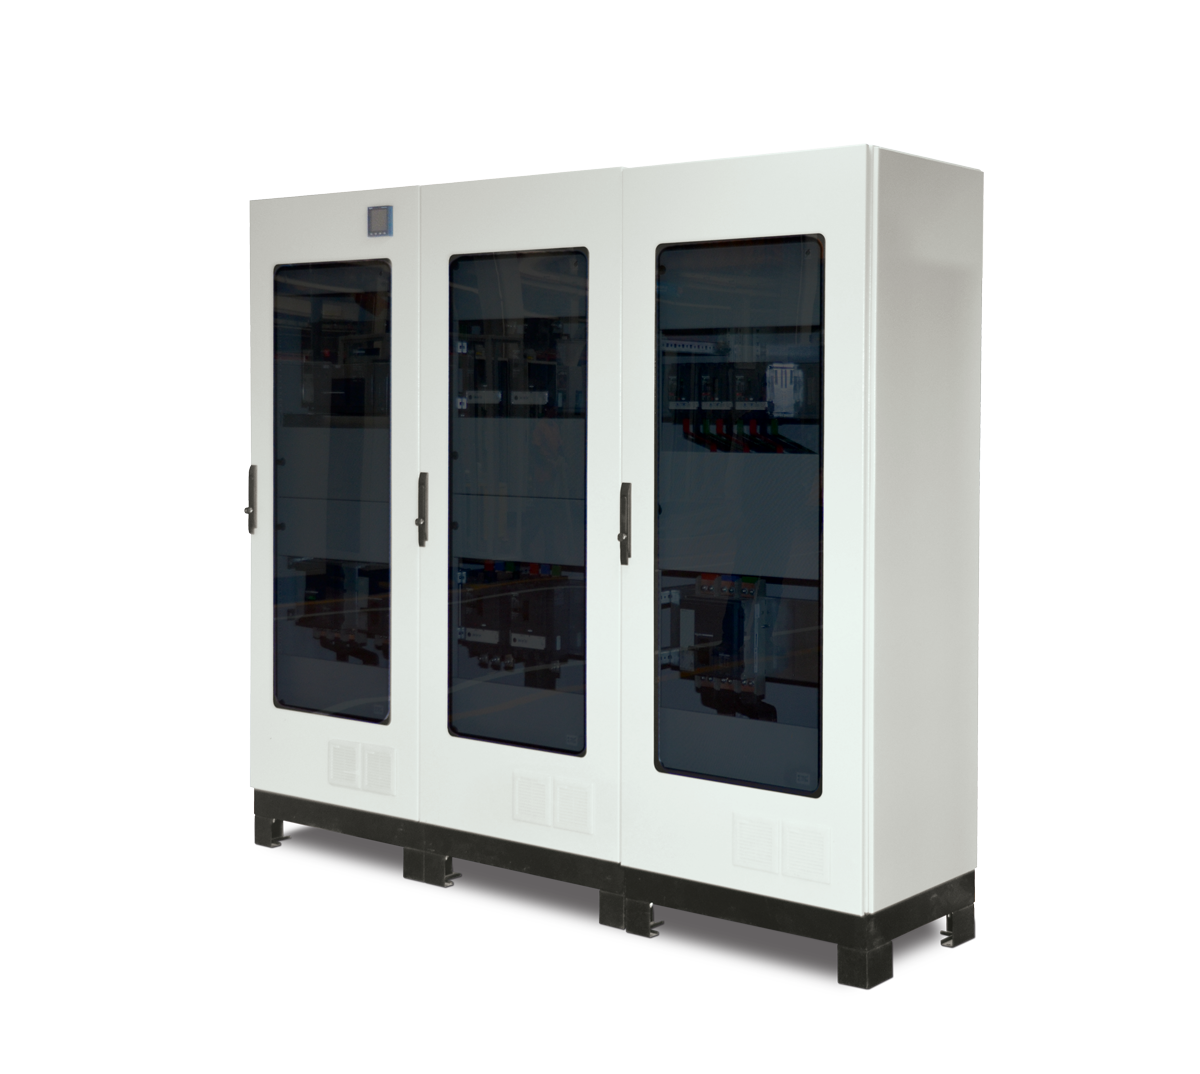 LTD - Şalter Panoları Merkezi ve Tali Dağıtım Panoları İç Kapaklı1